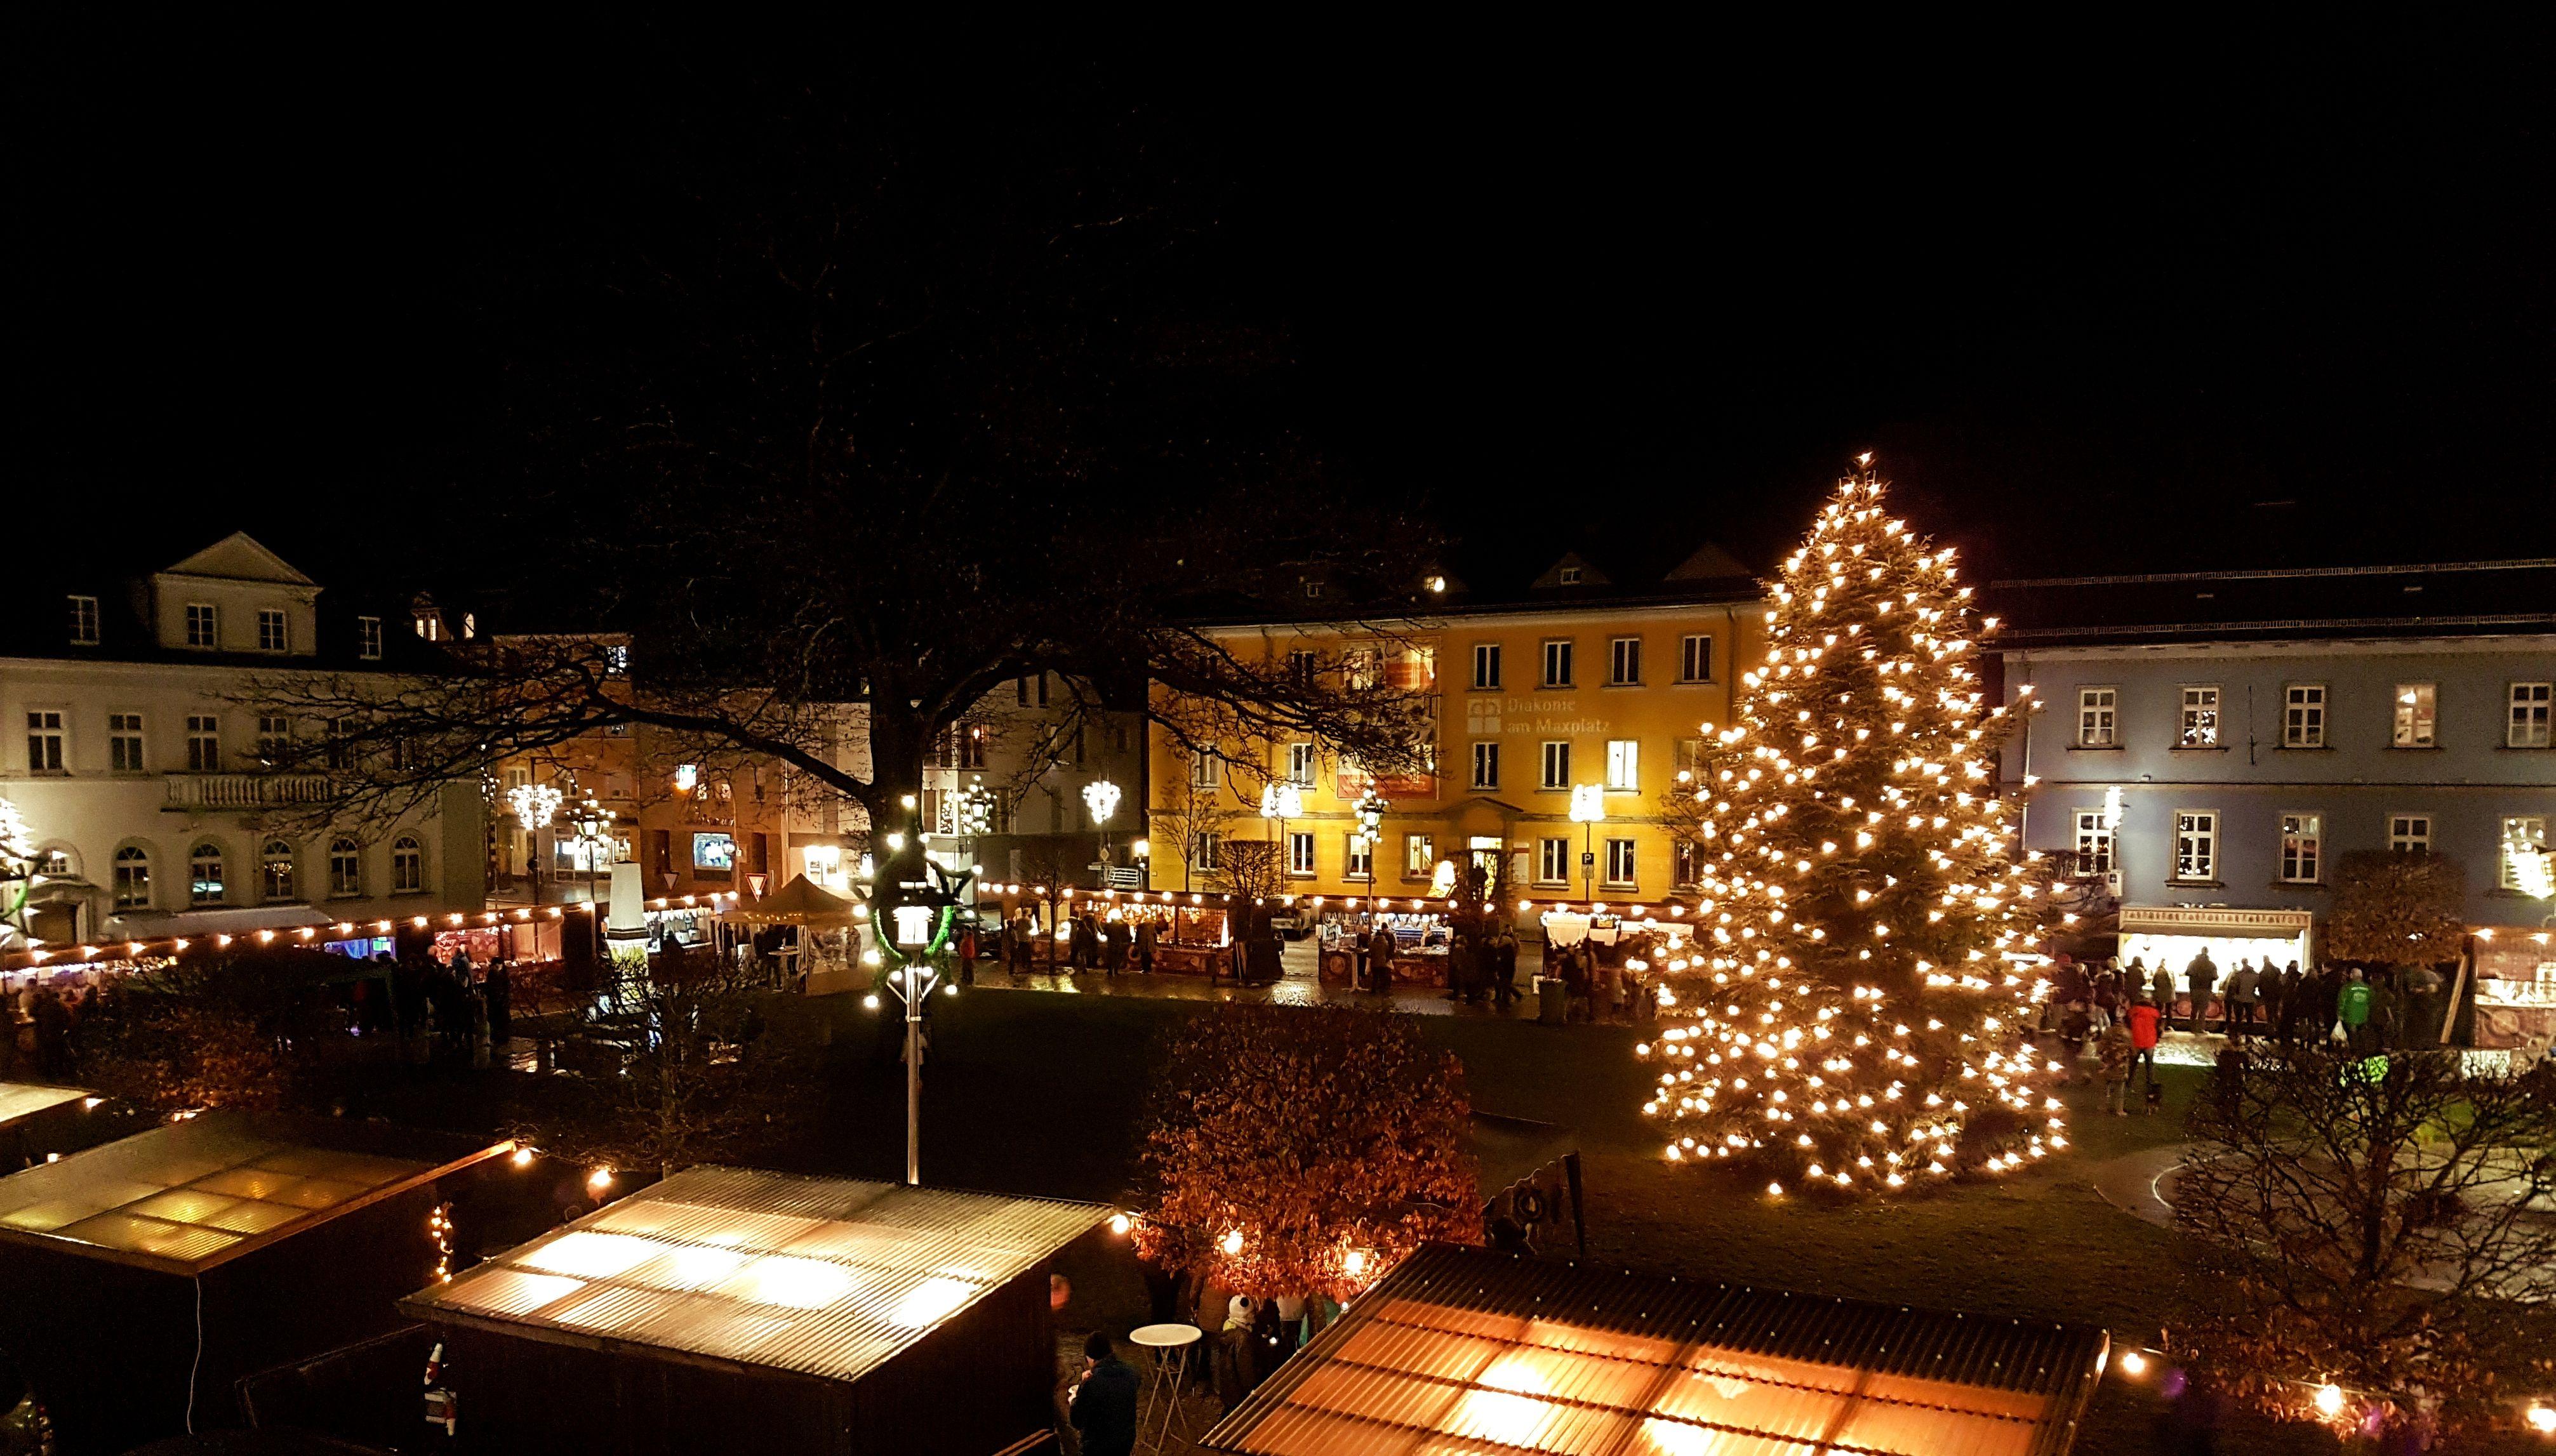 Wann Ist Der Weihnachtsmarkt.Weihnachtsmarkt Stadt Rehau